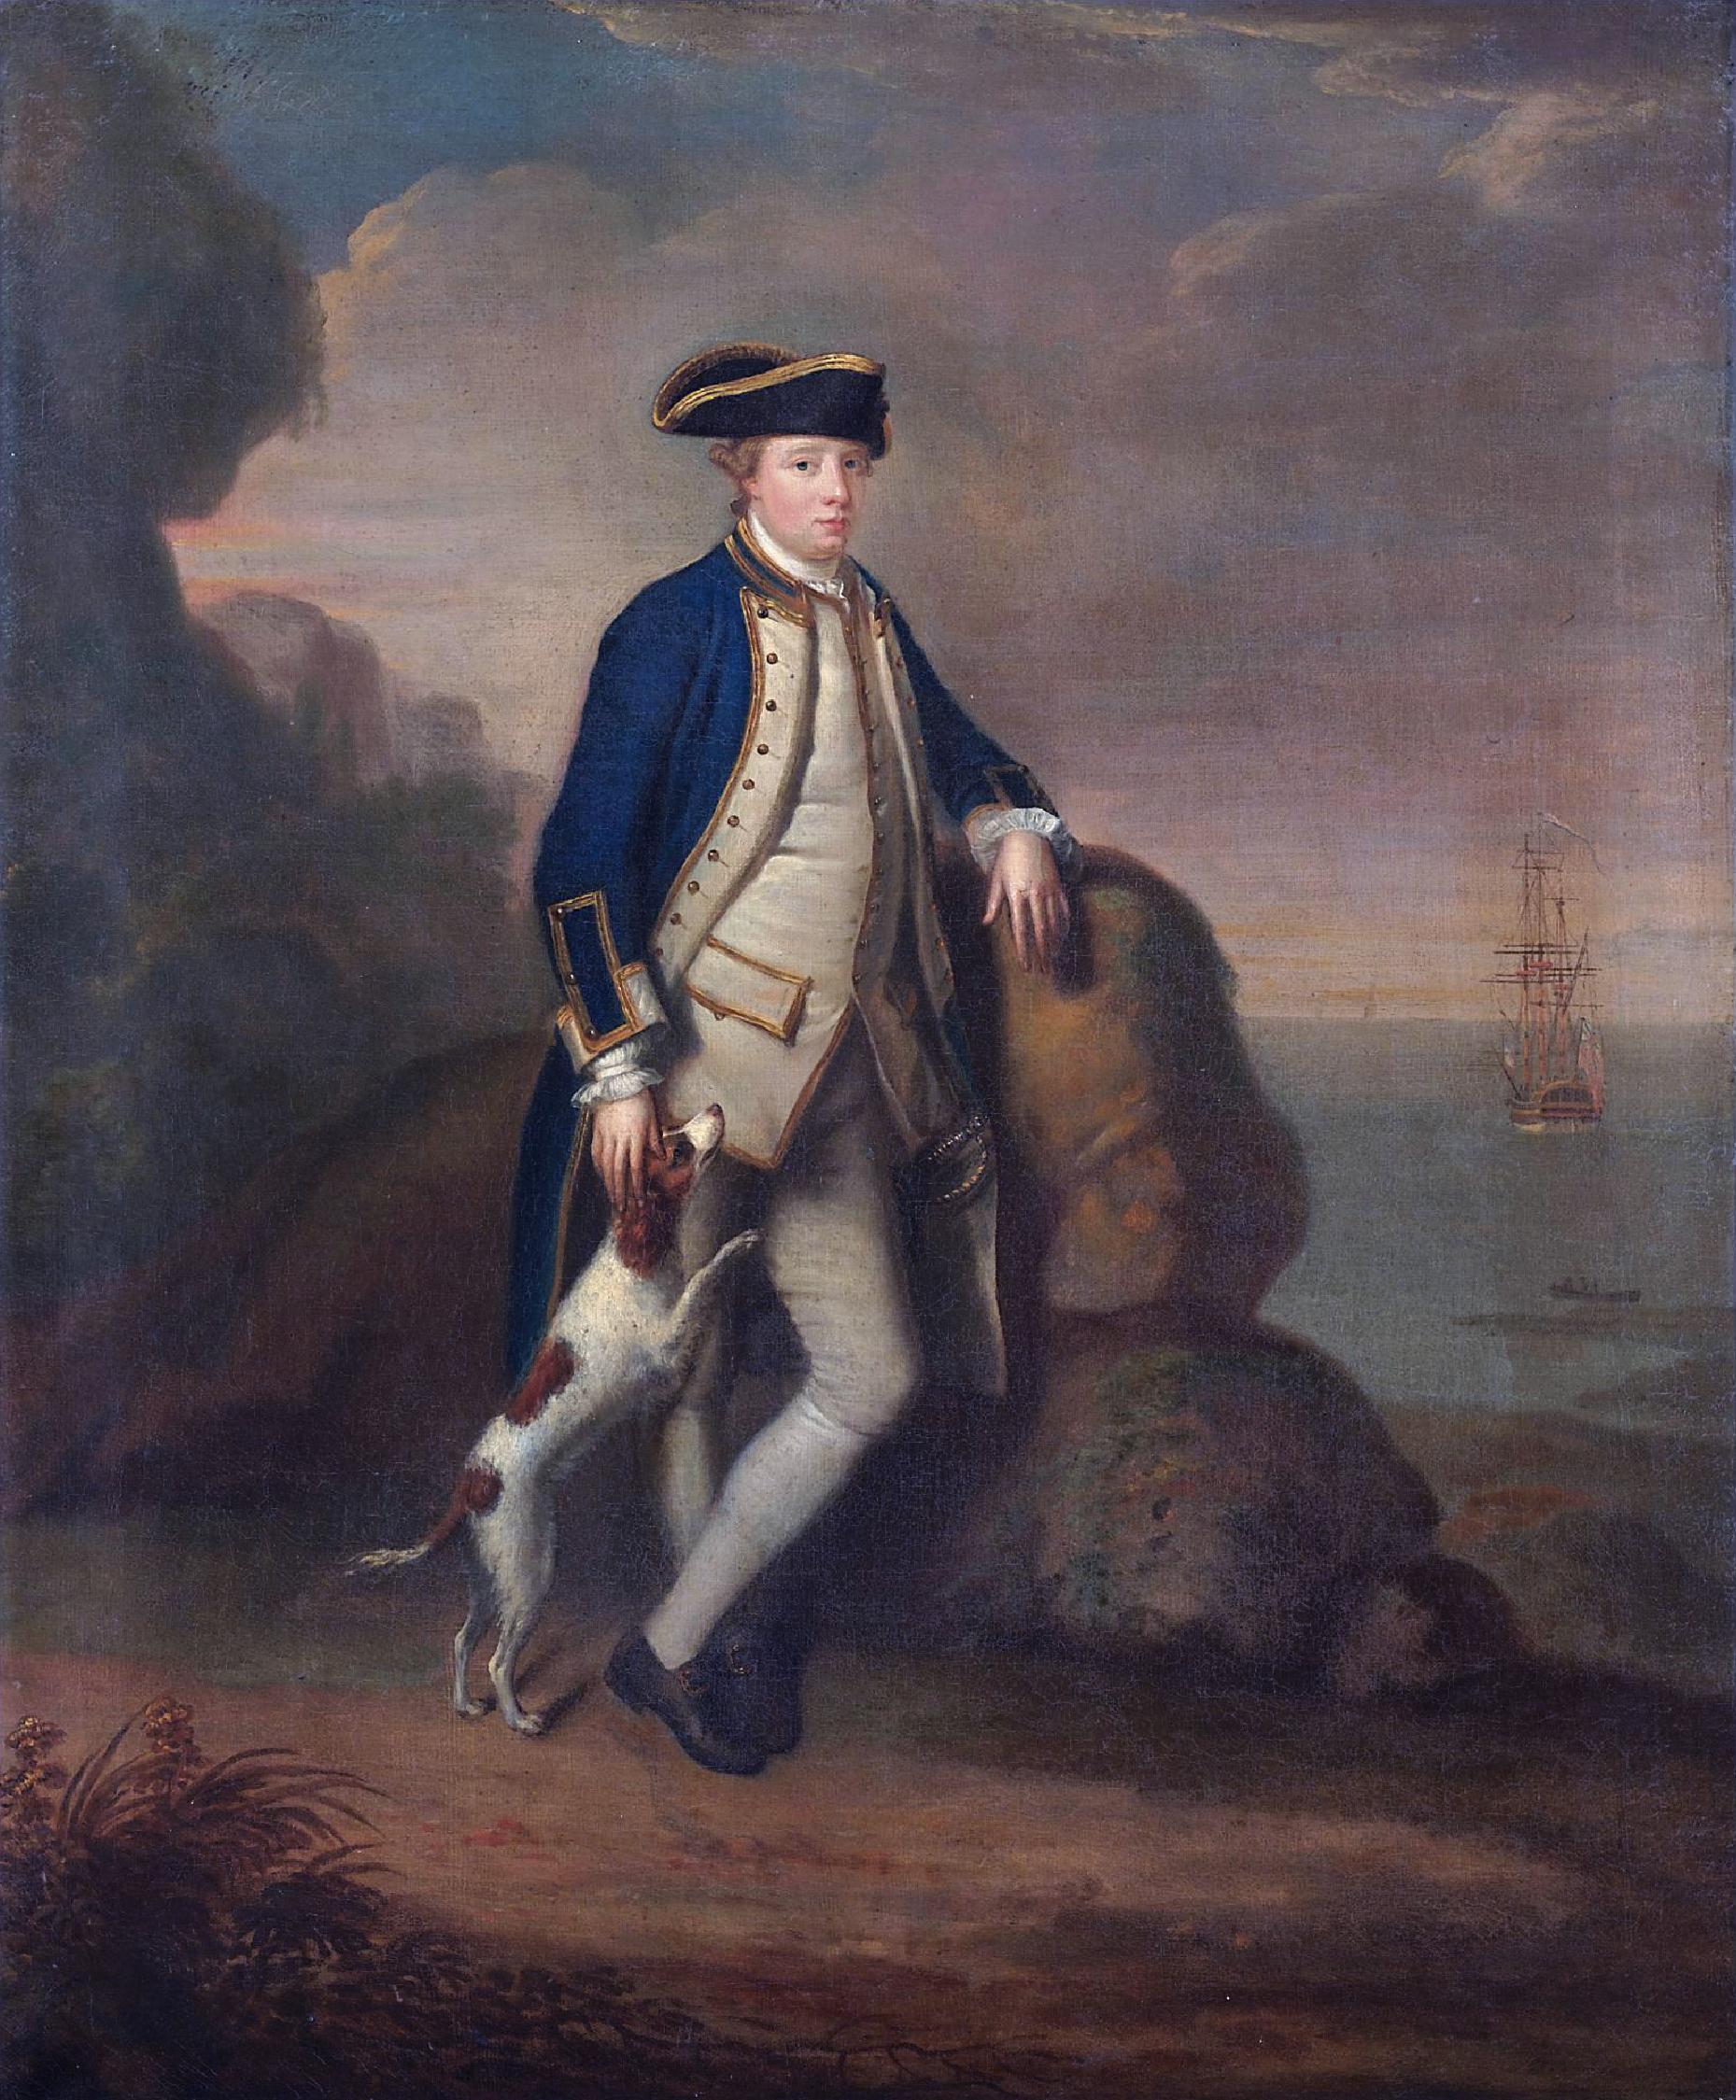 Frank Pakenham, 7th Earl of Longford